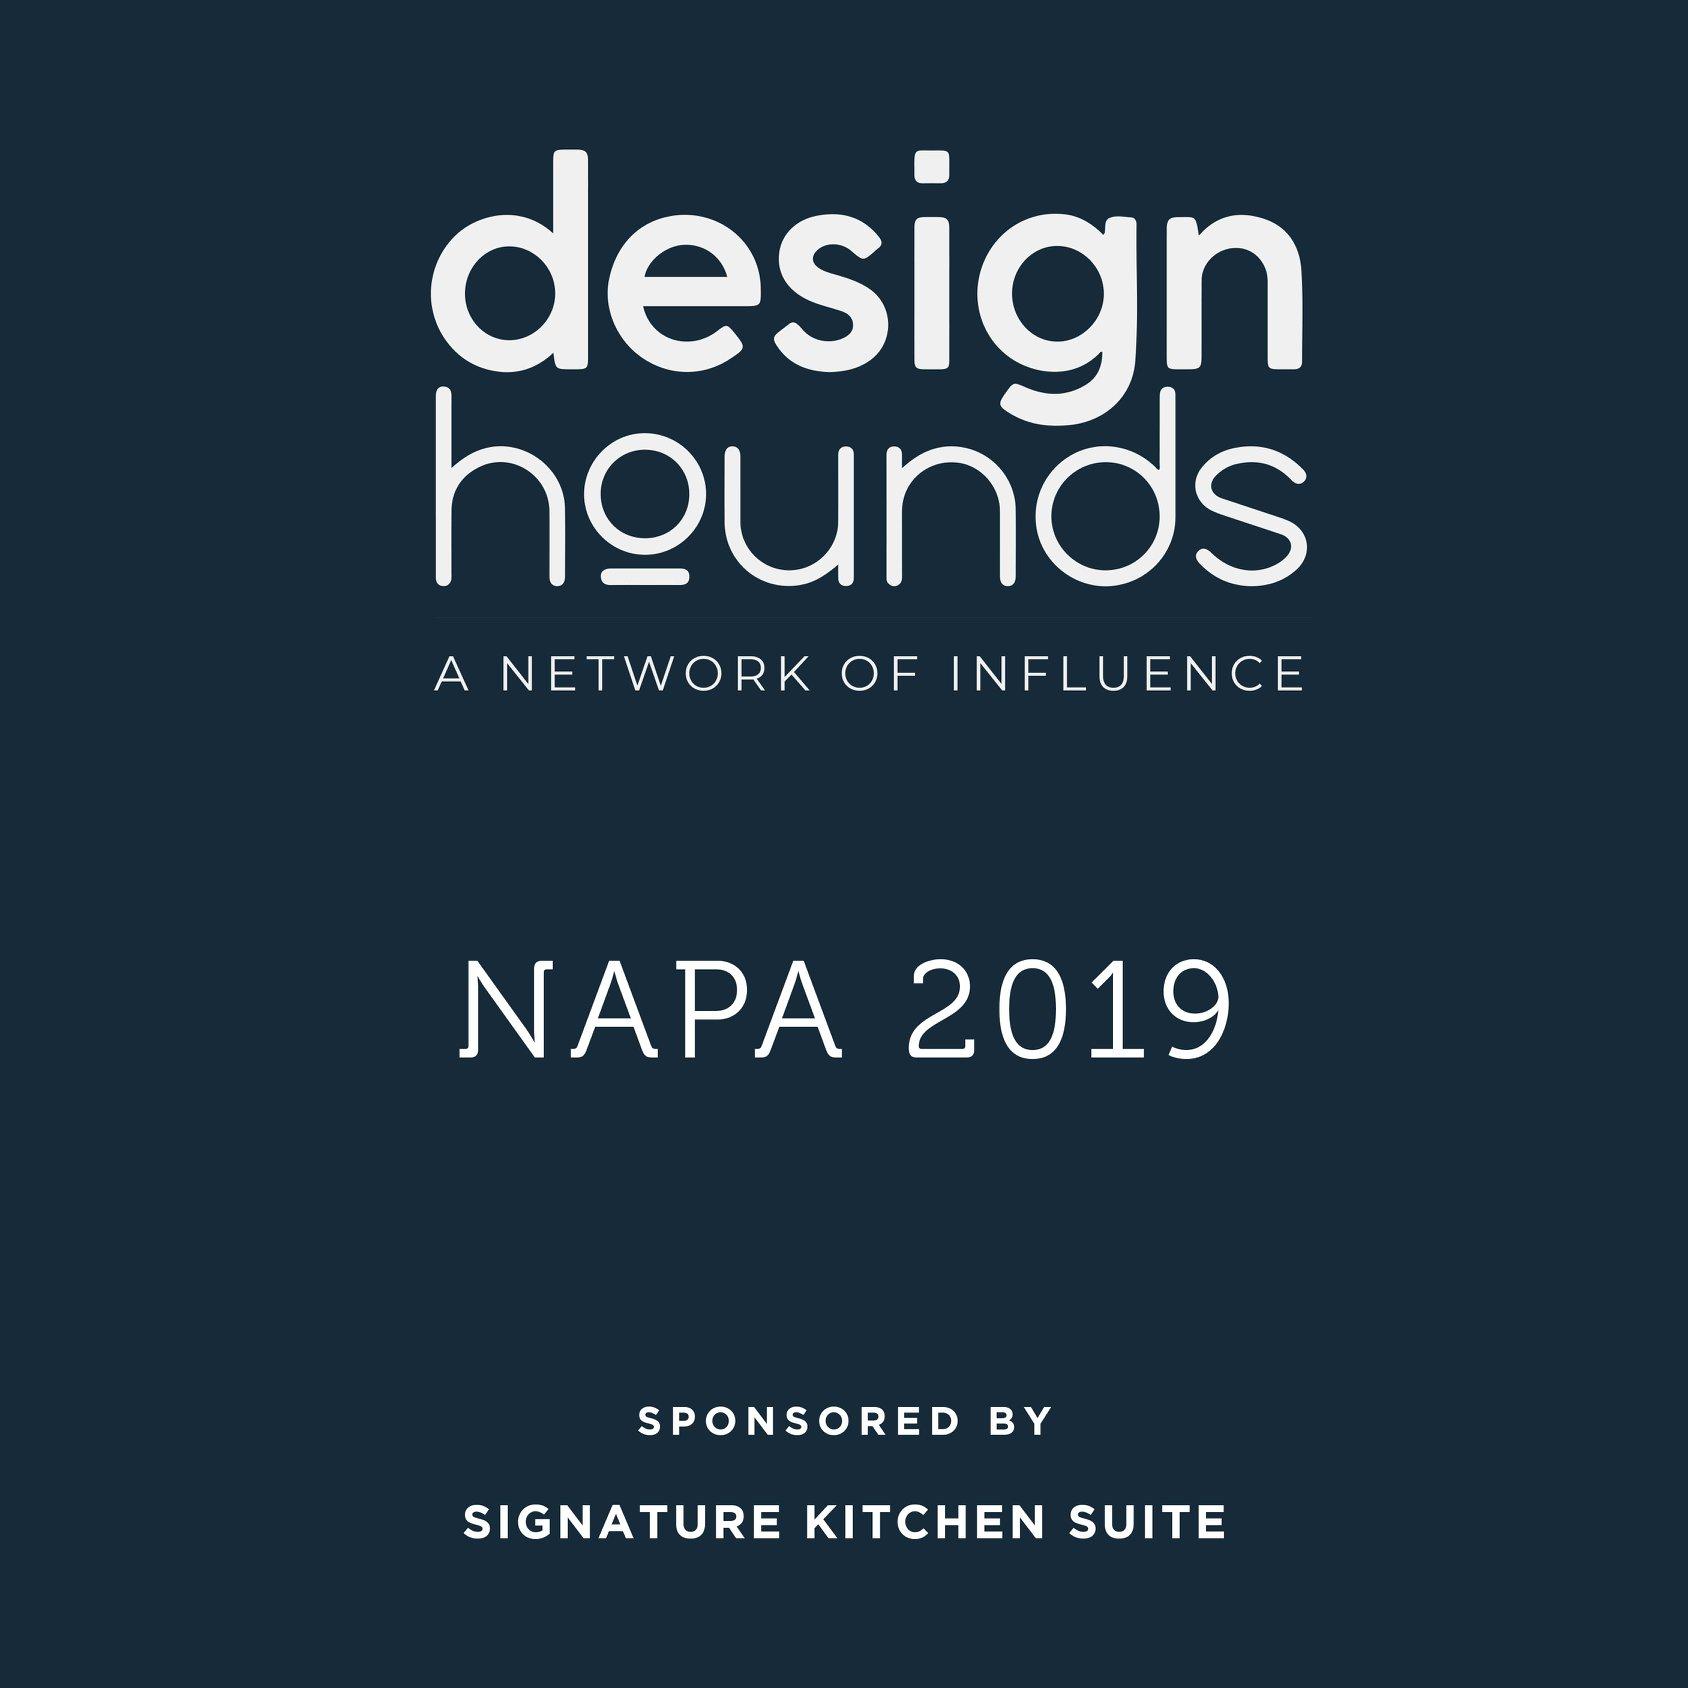 Designhounds